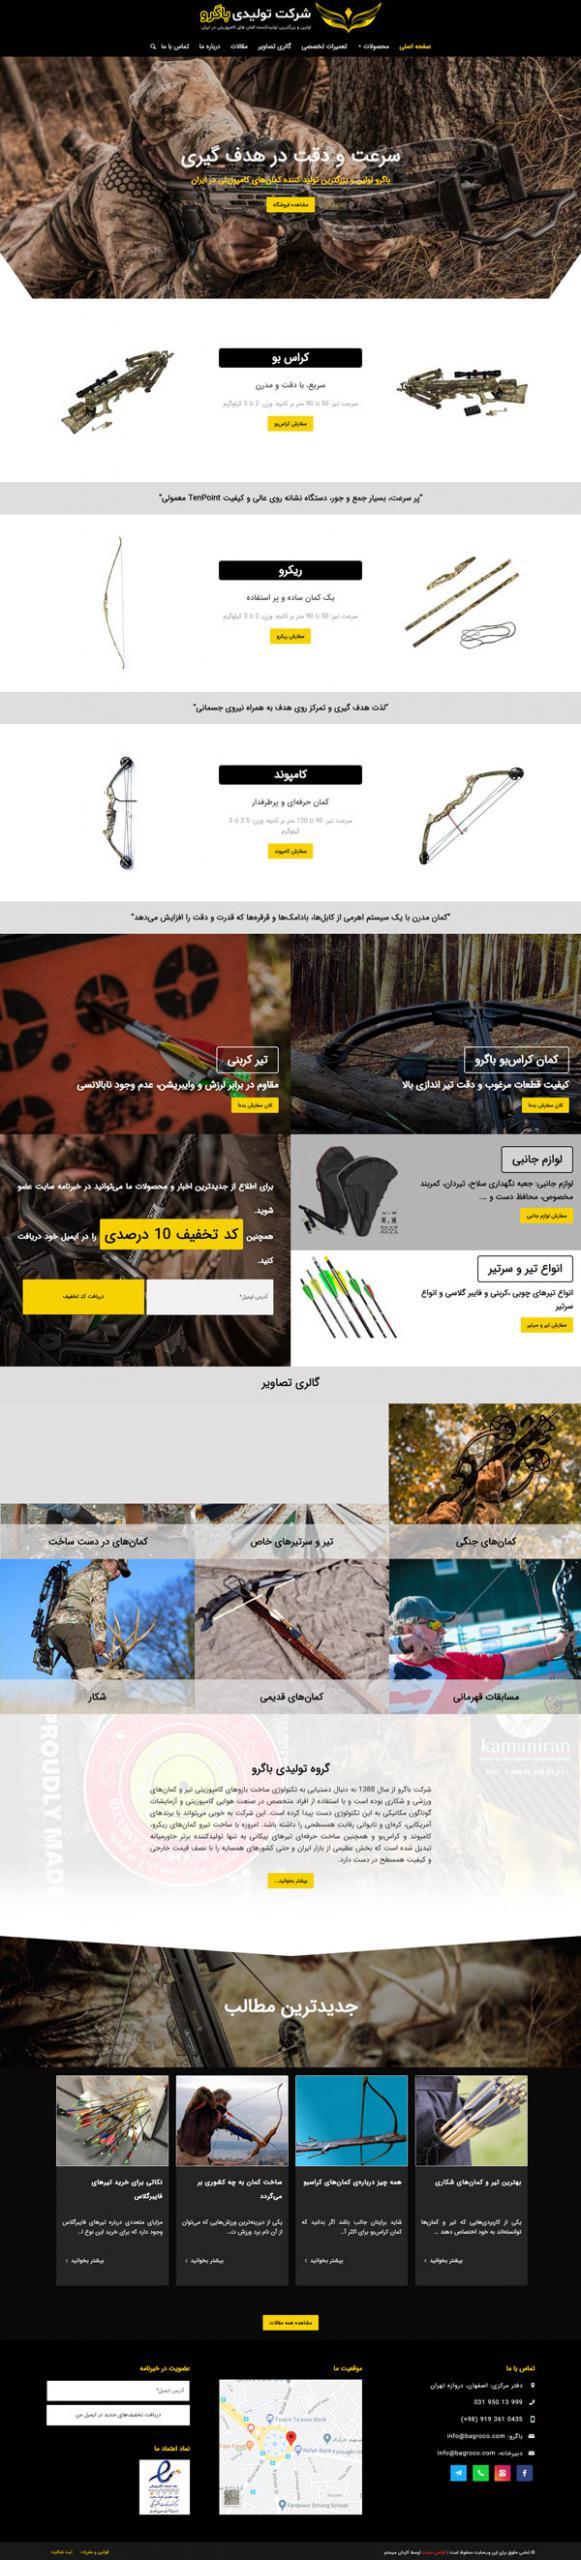 طراحی سایت باگرو | تولید کننده تیر و کمان